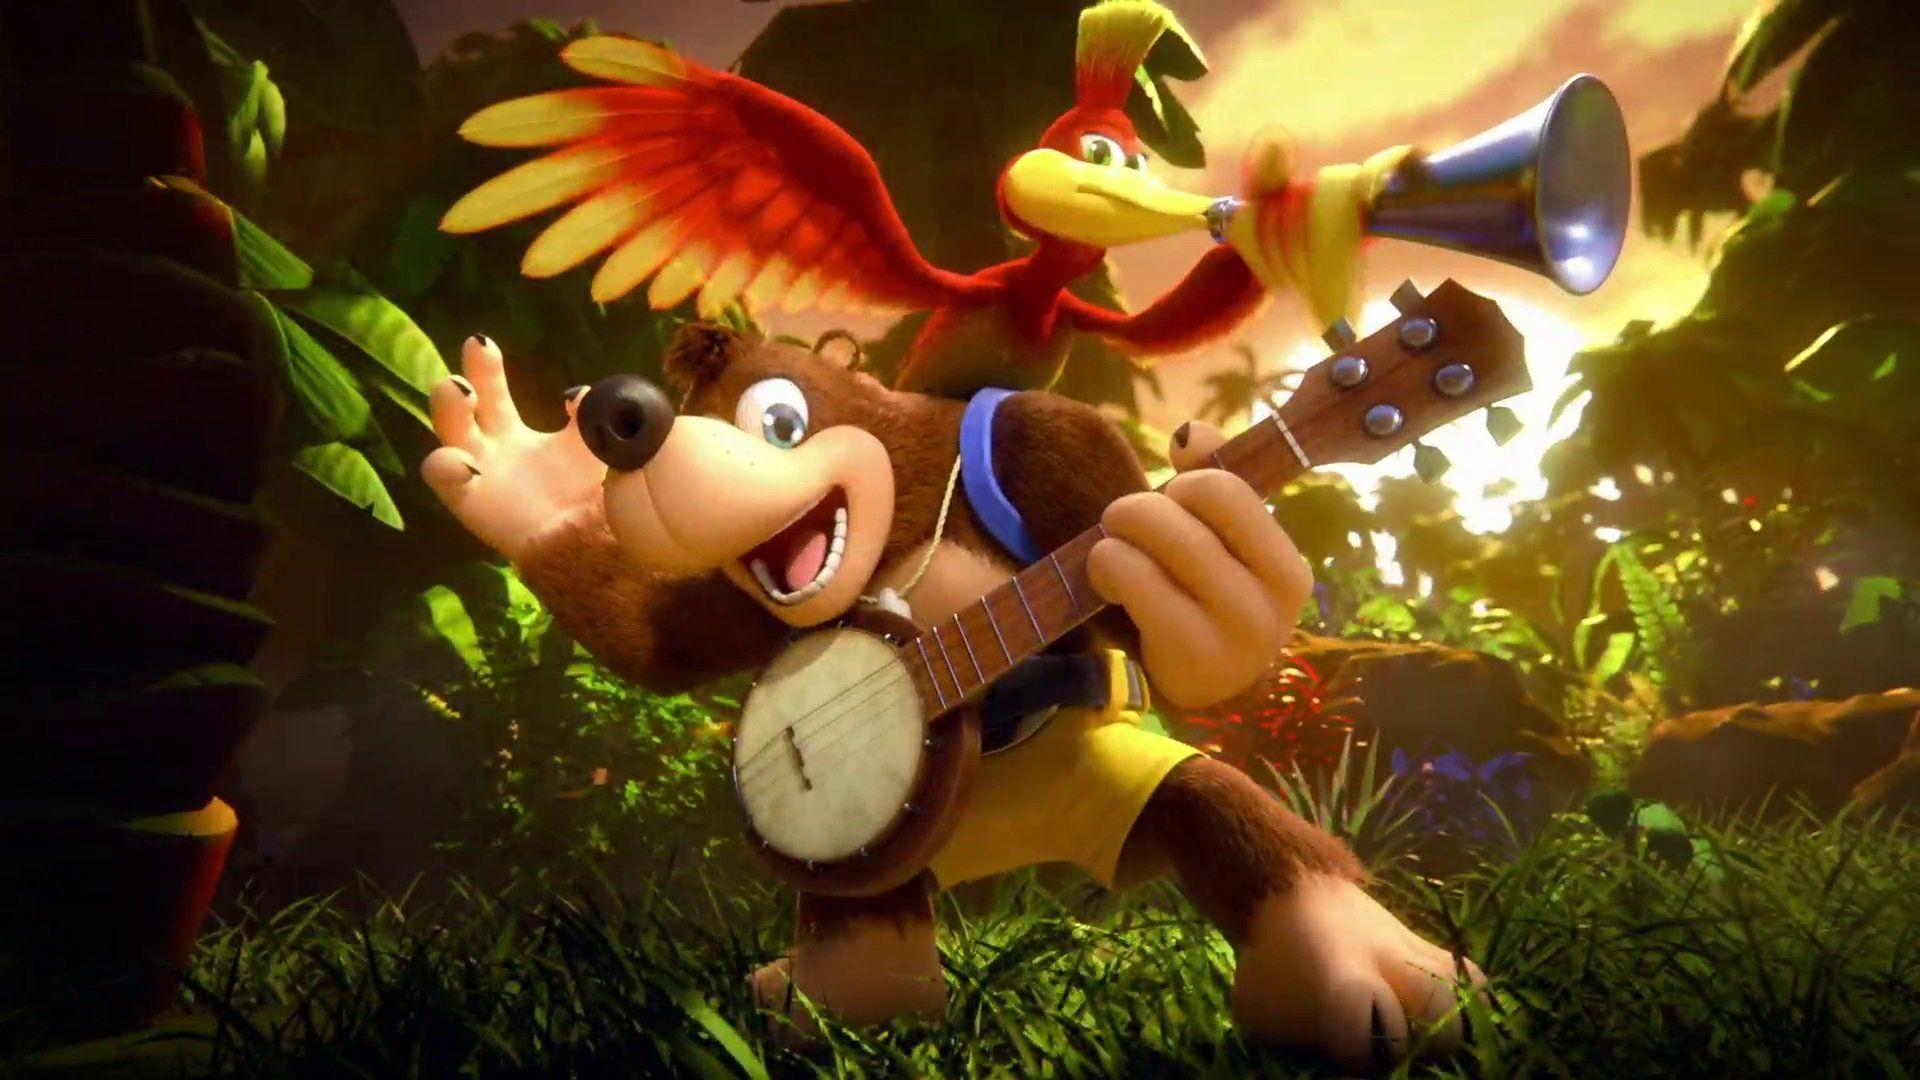 Nintendo Direct E3 2019 Super Smash Bros Ultimate Banjo Kazooie Revealed Banjo Kazooie Smash Bros Super Smash Bros